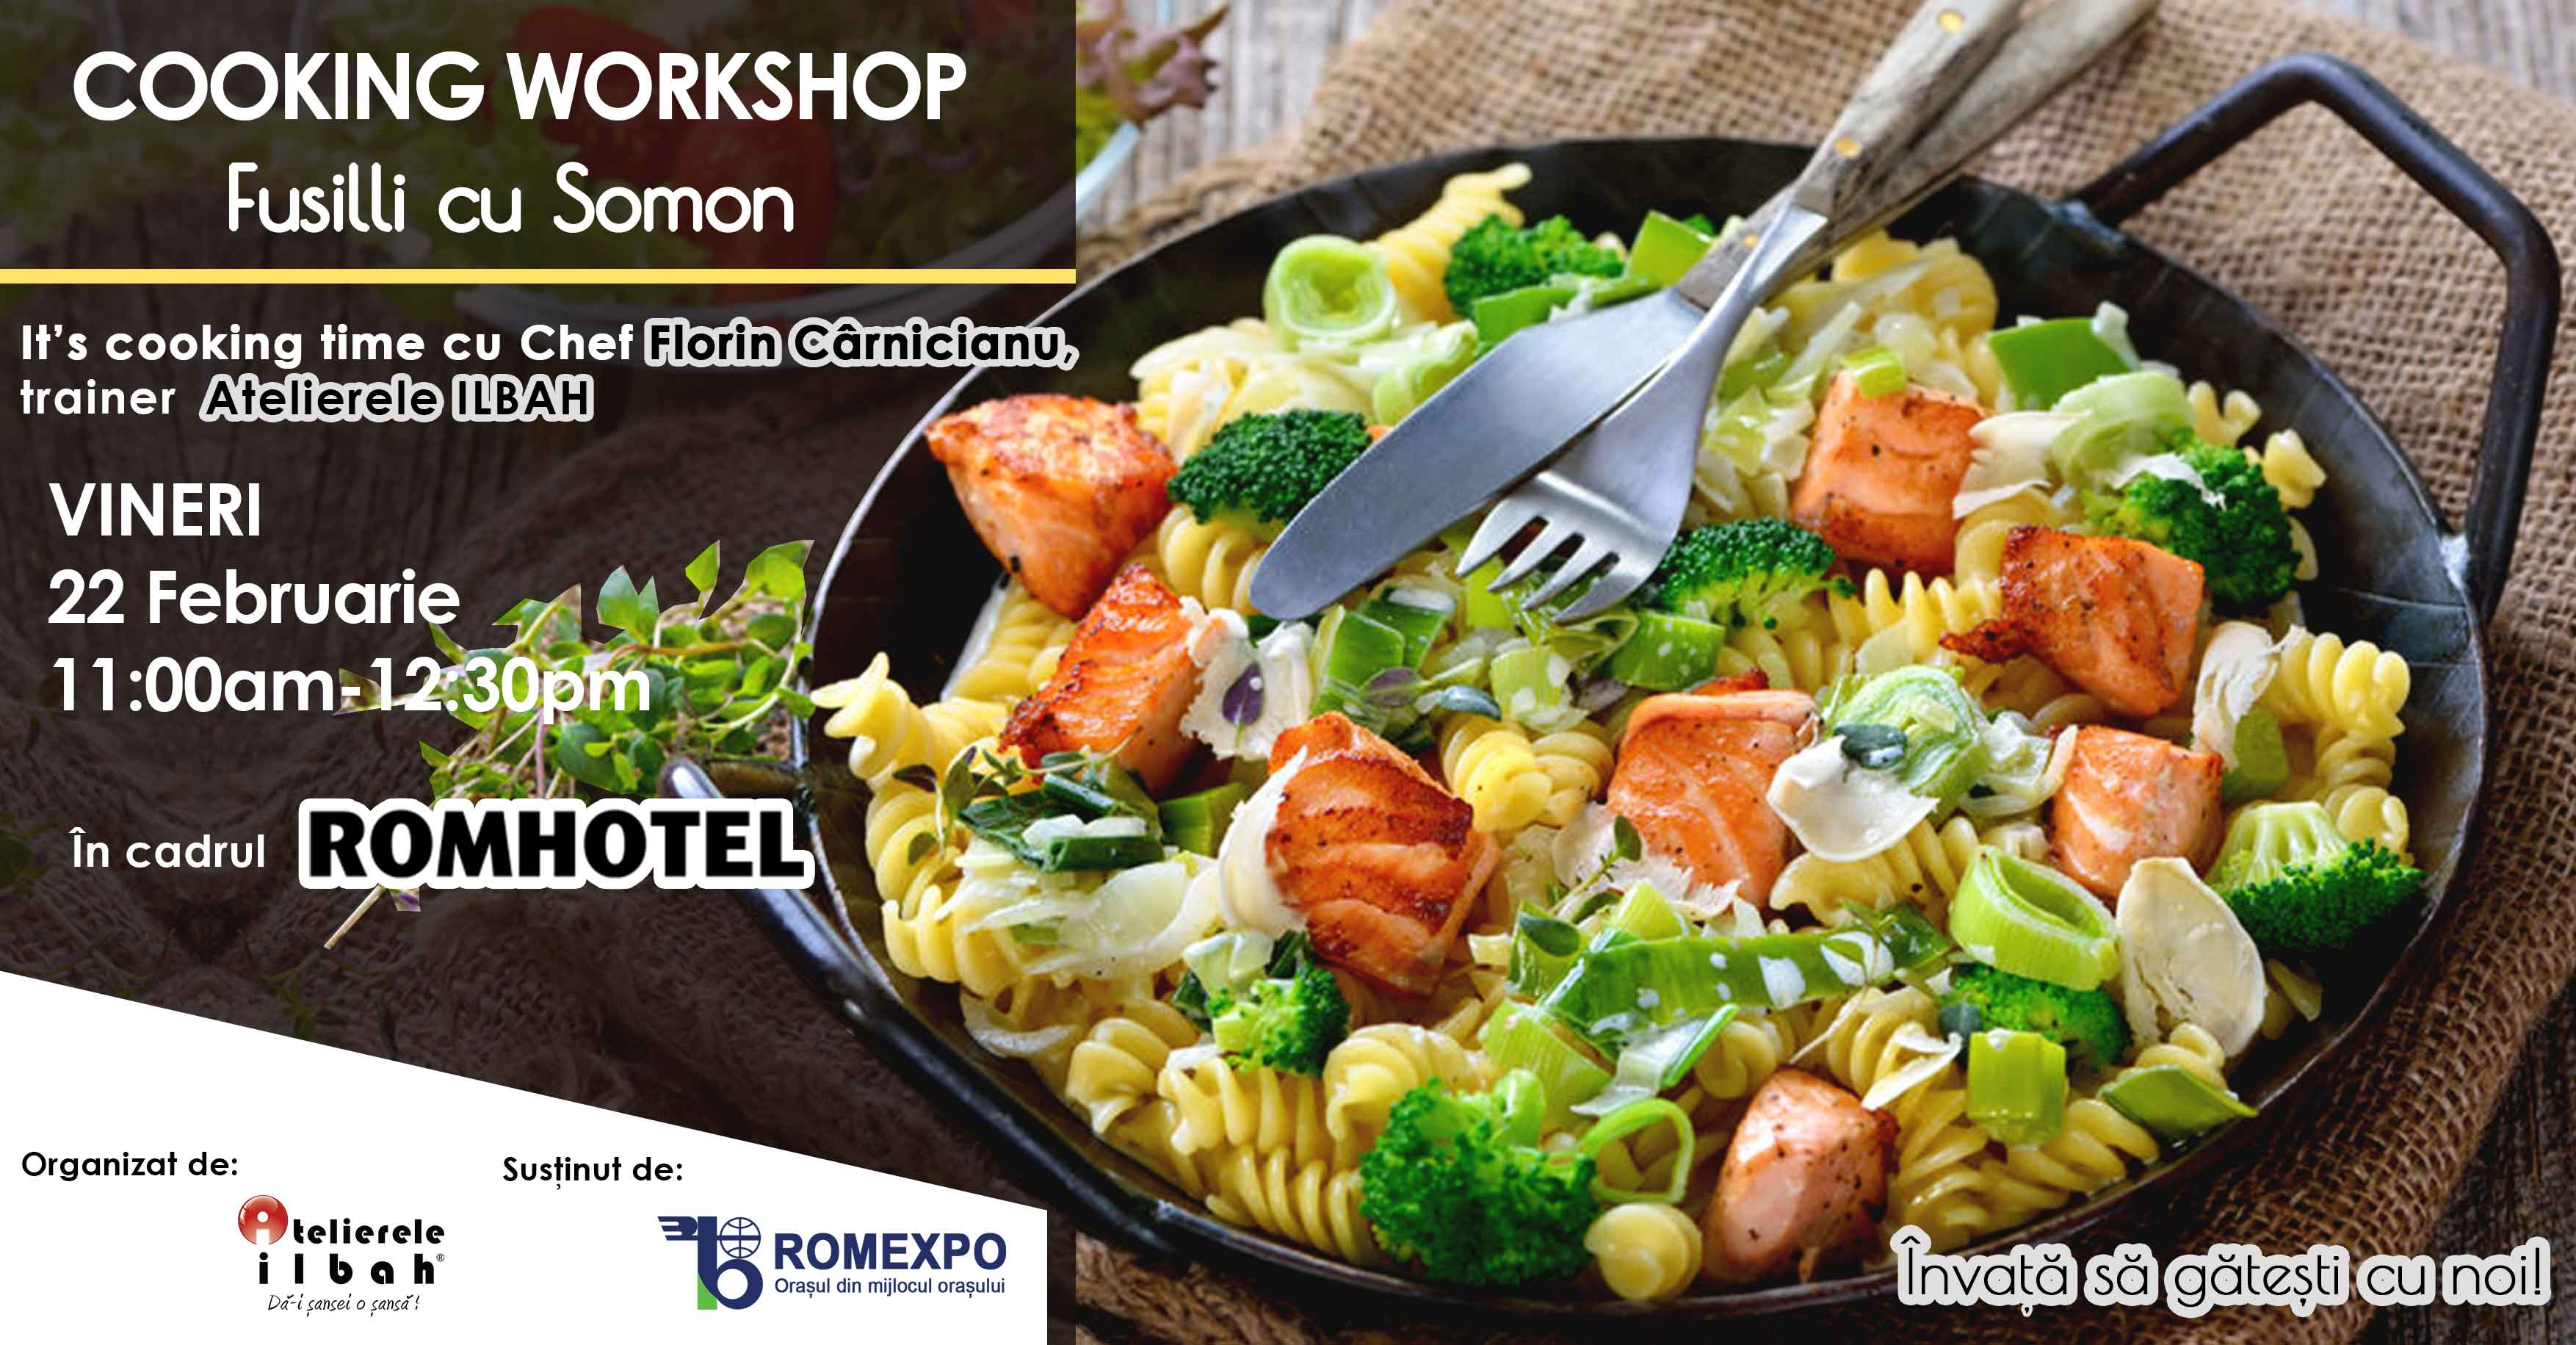 nu-rata-workshopurile-de-cooking-organizate-de-atelierele-ilbah-in-cadrul-romhotel-2019-3